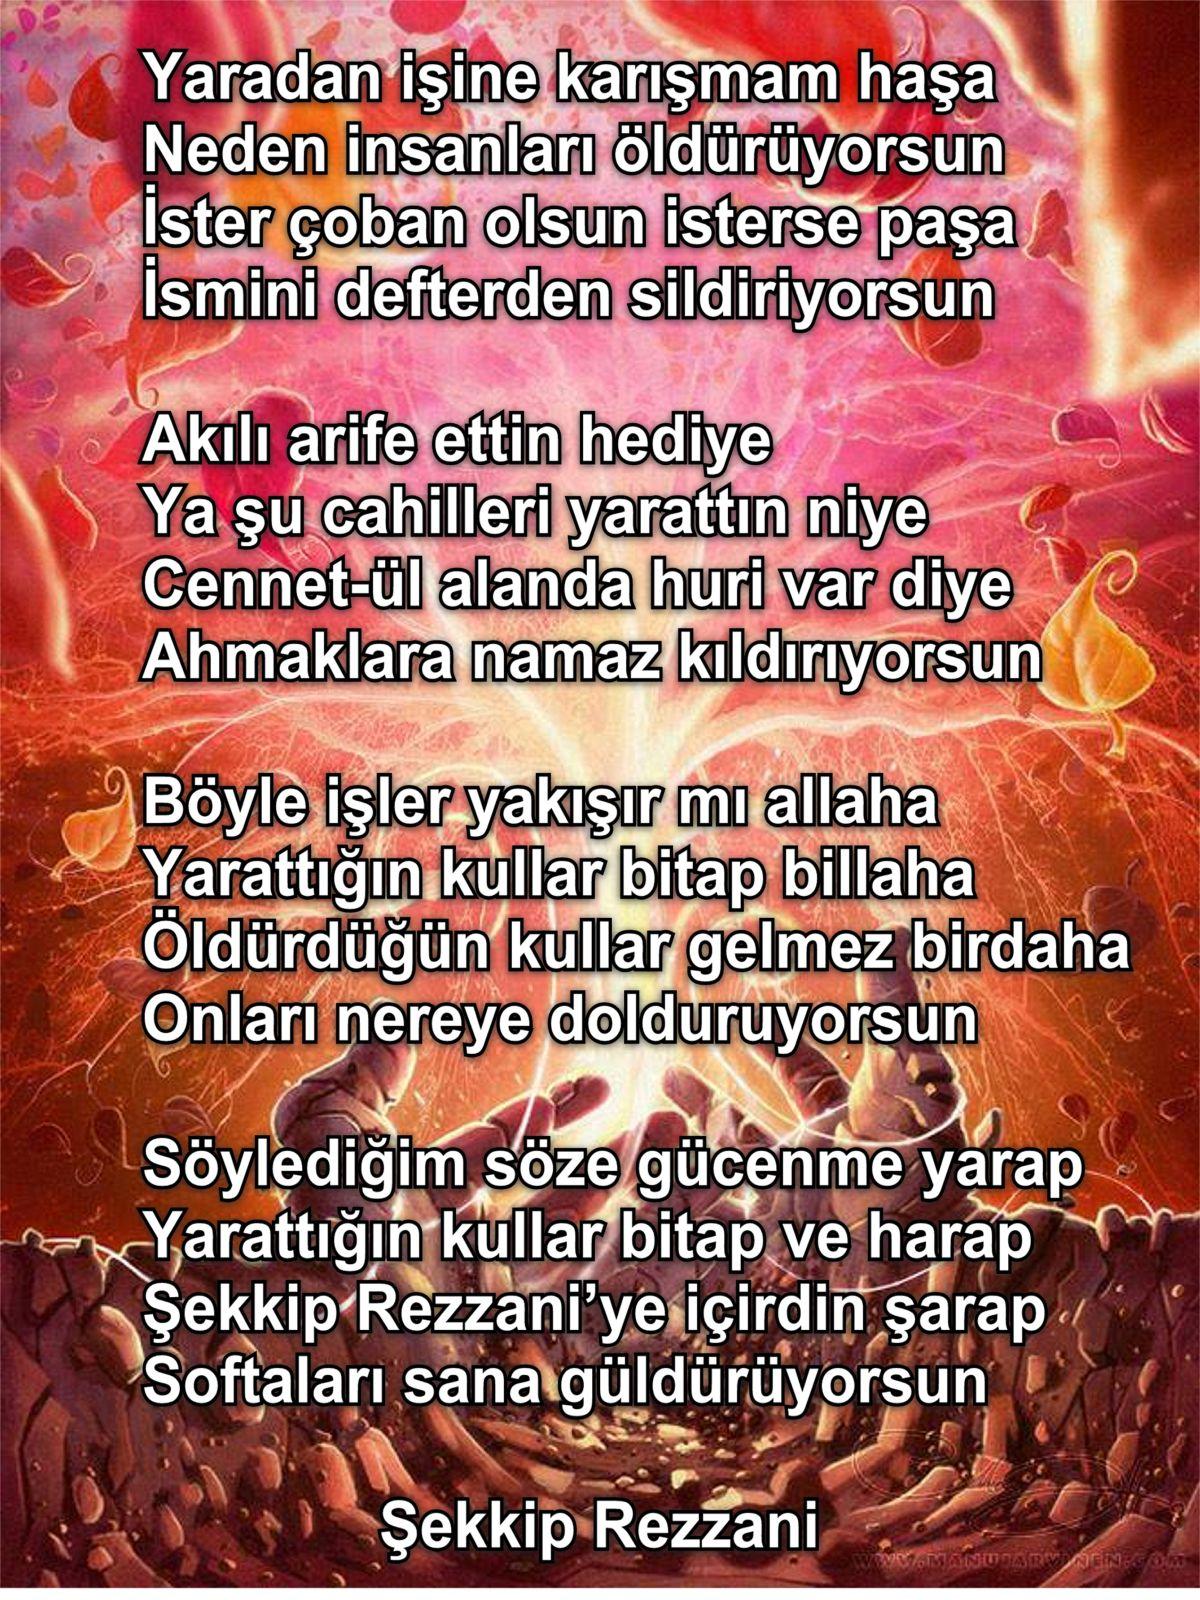 Devrimci Aleviler Birliği DAB Alevi Kızılbaş Bektaşi pir sultan cem hz Ali 12 imam semah Feramuz Şah Acar hasa karismam